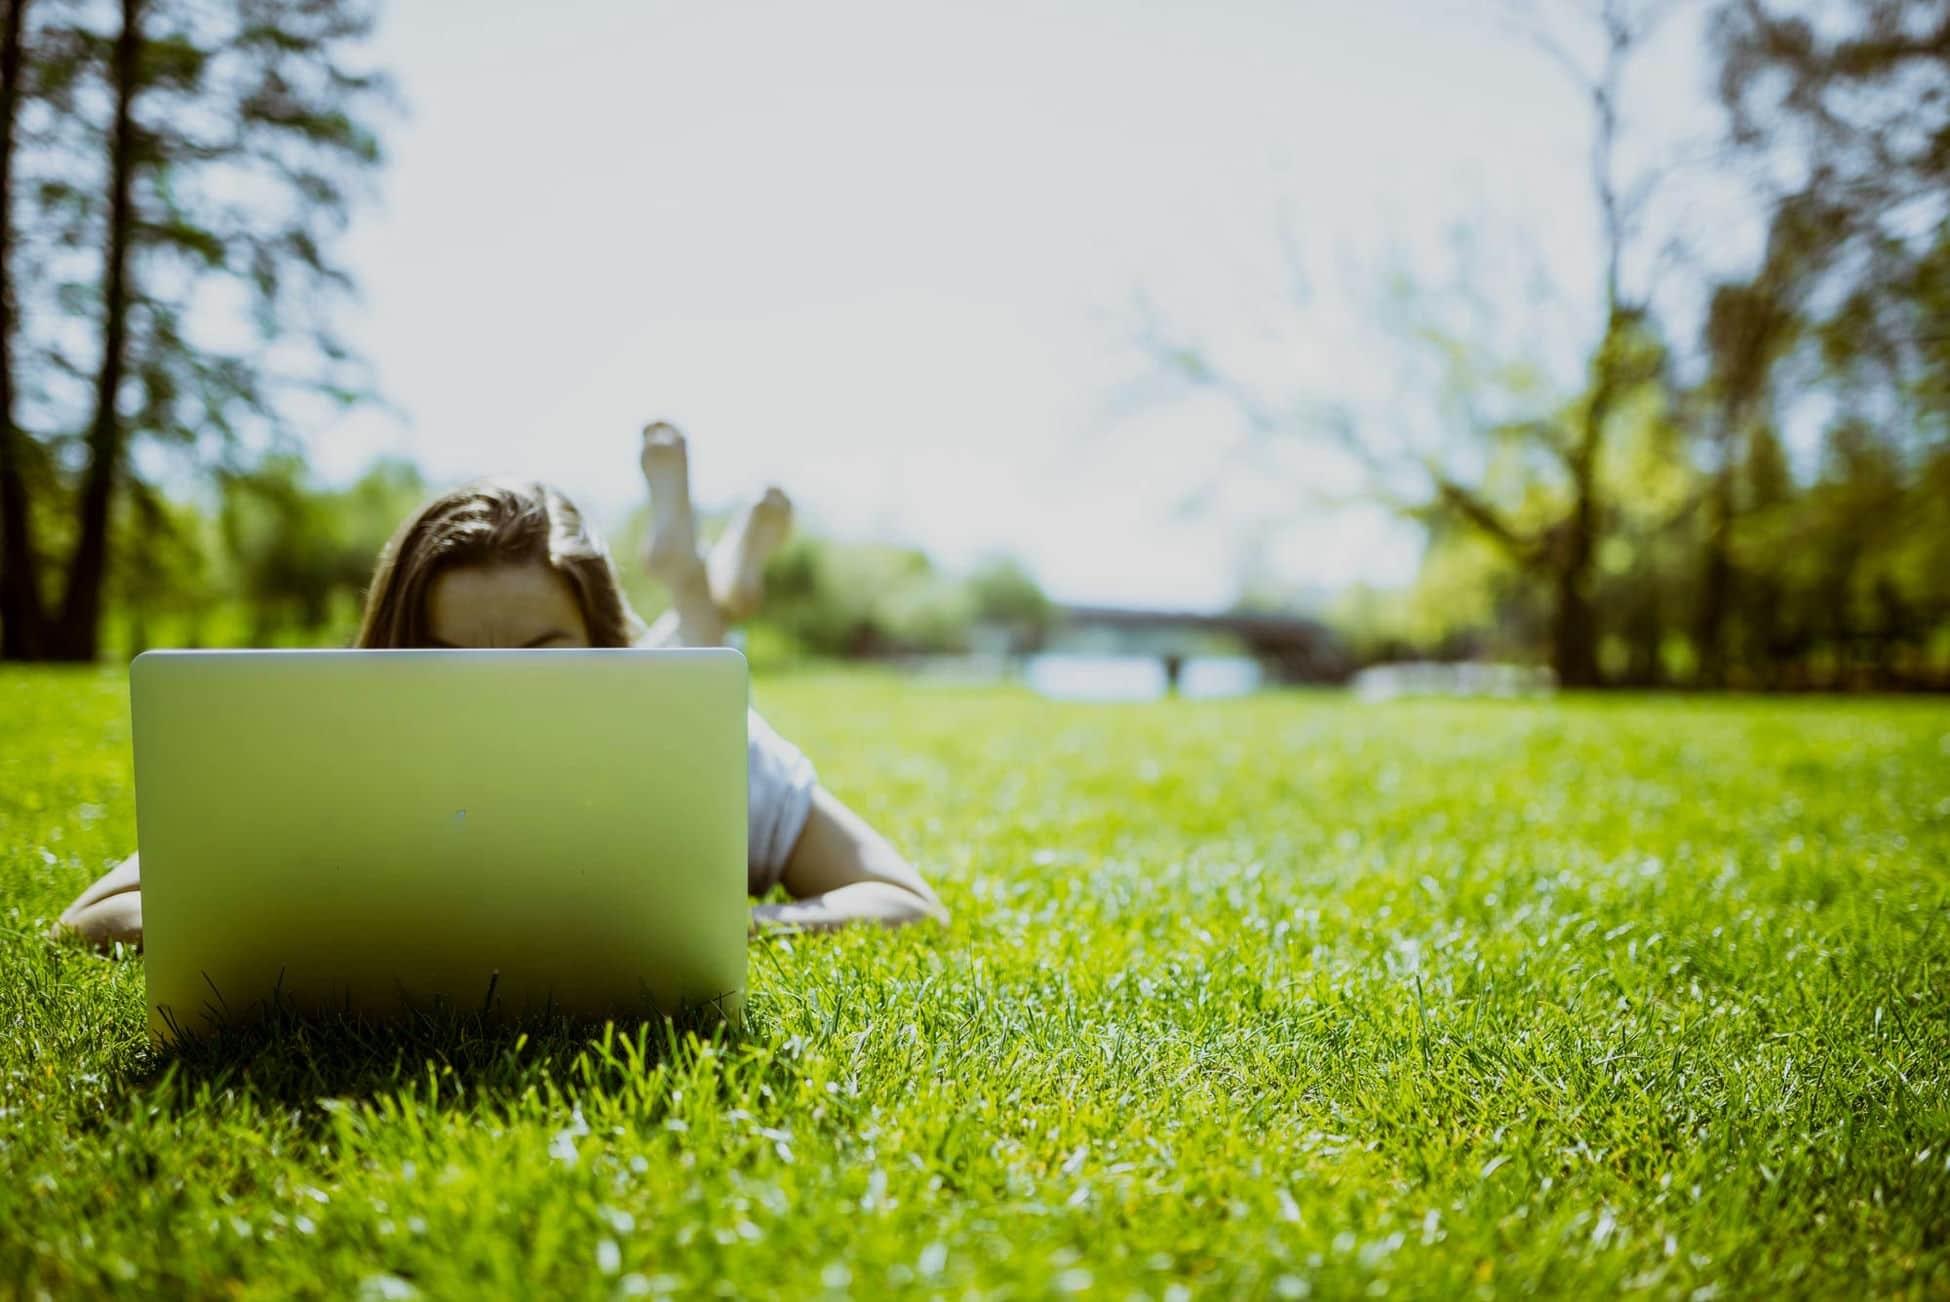 Maison de vacances avec internet : Rester connecté en Ardenne